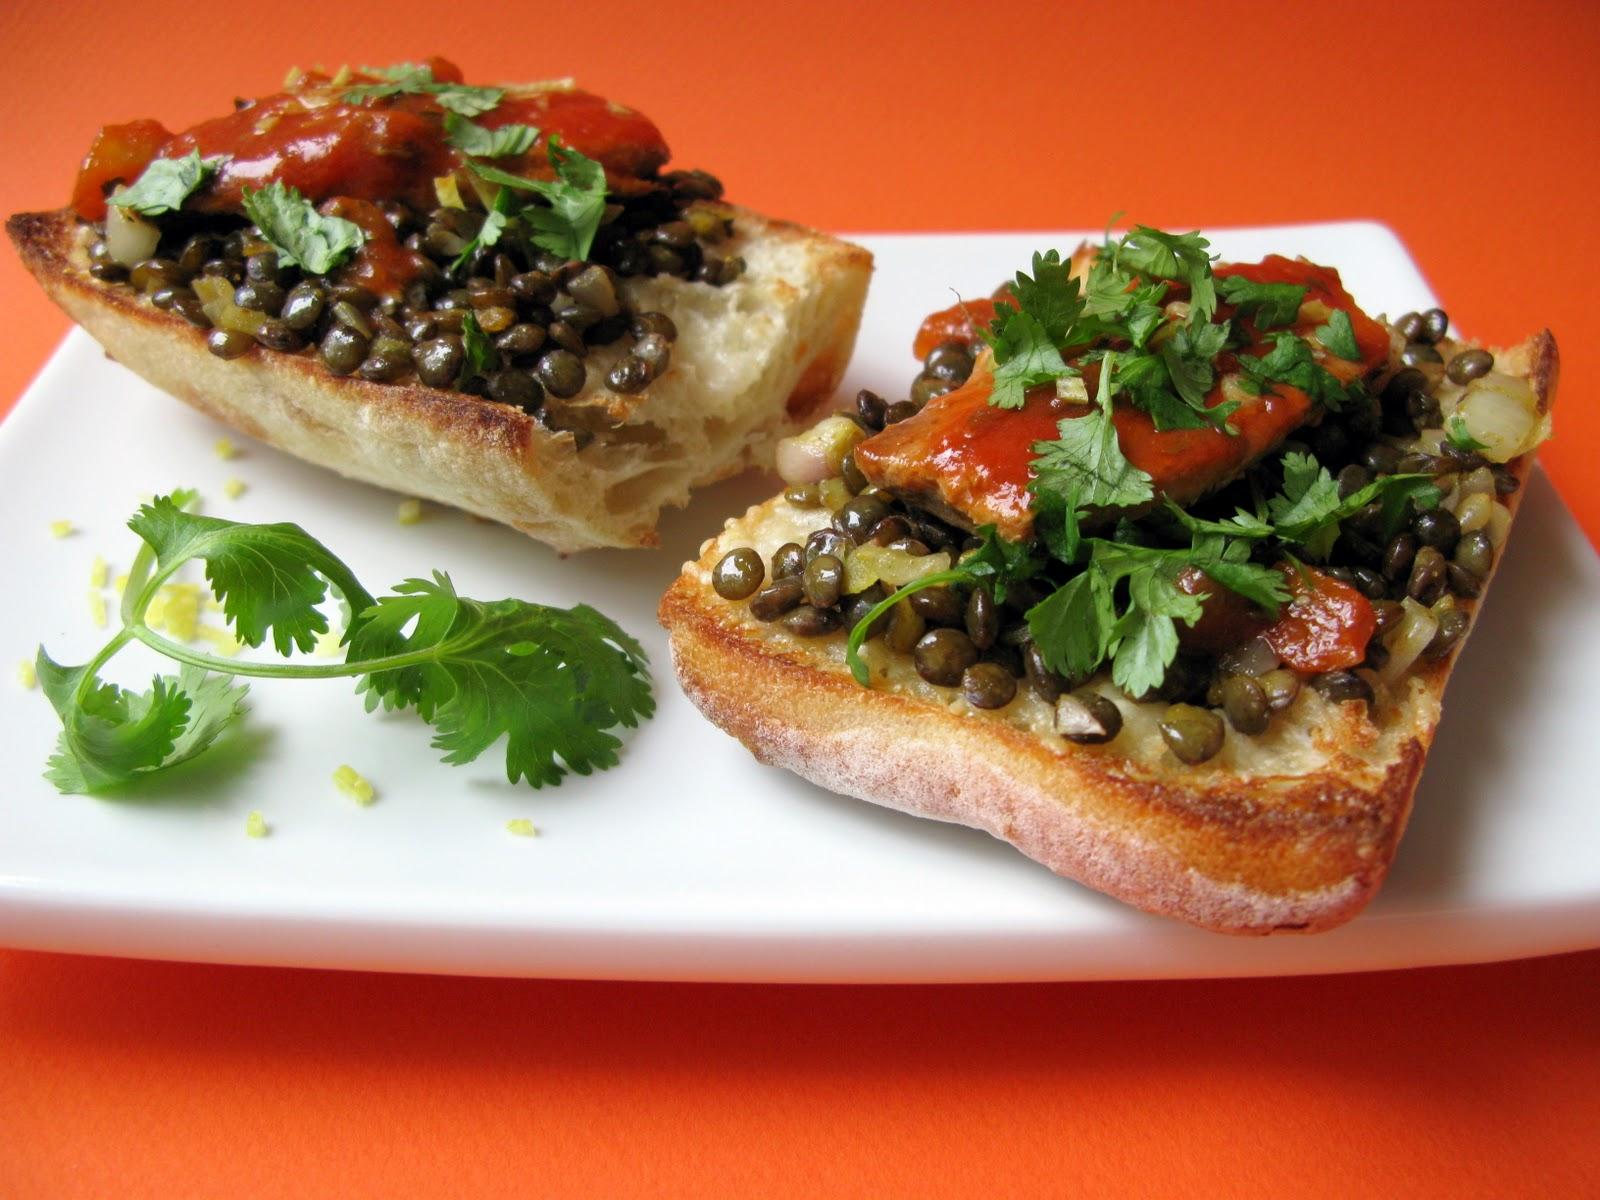 Au gr du march sardines la tomate et aux lentilles - Cuisiner des filets de sardines fraiches ...